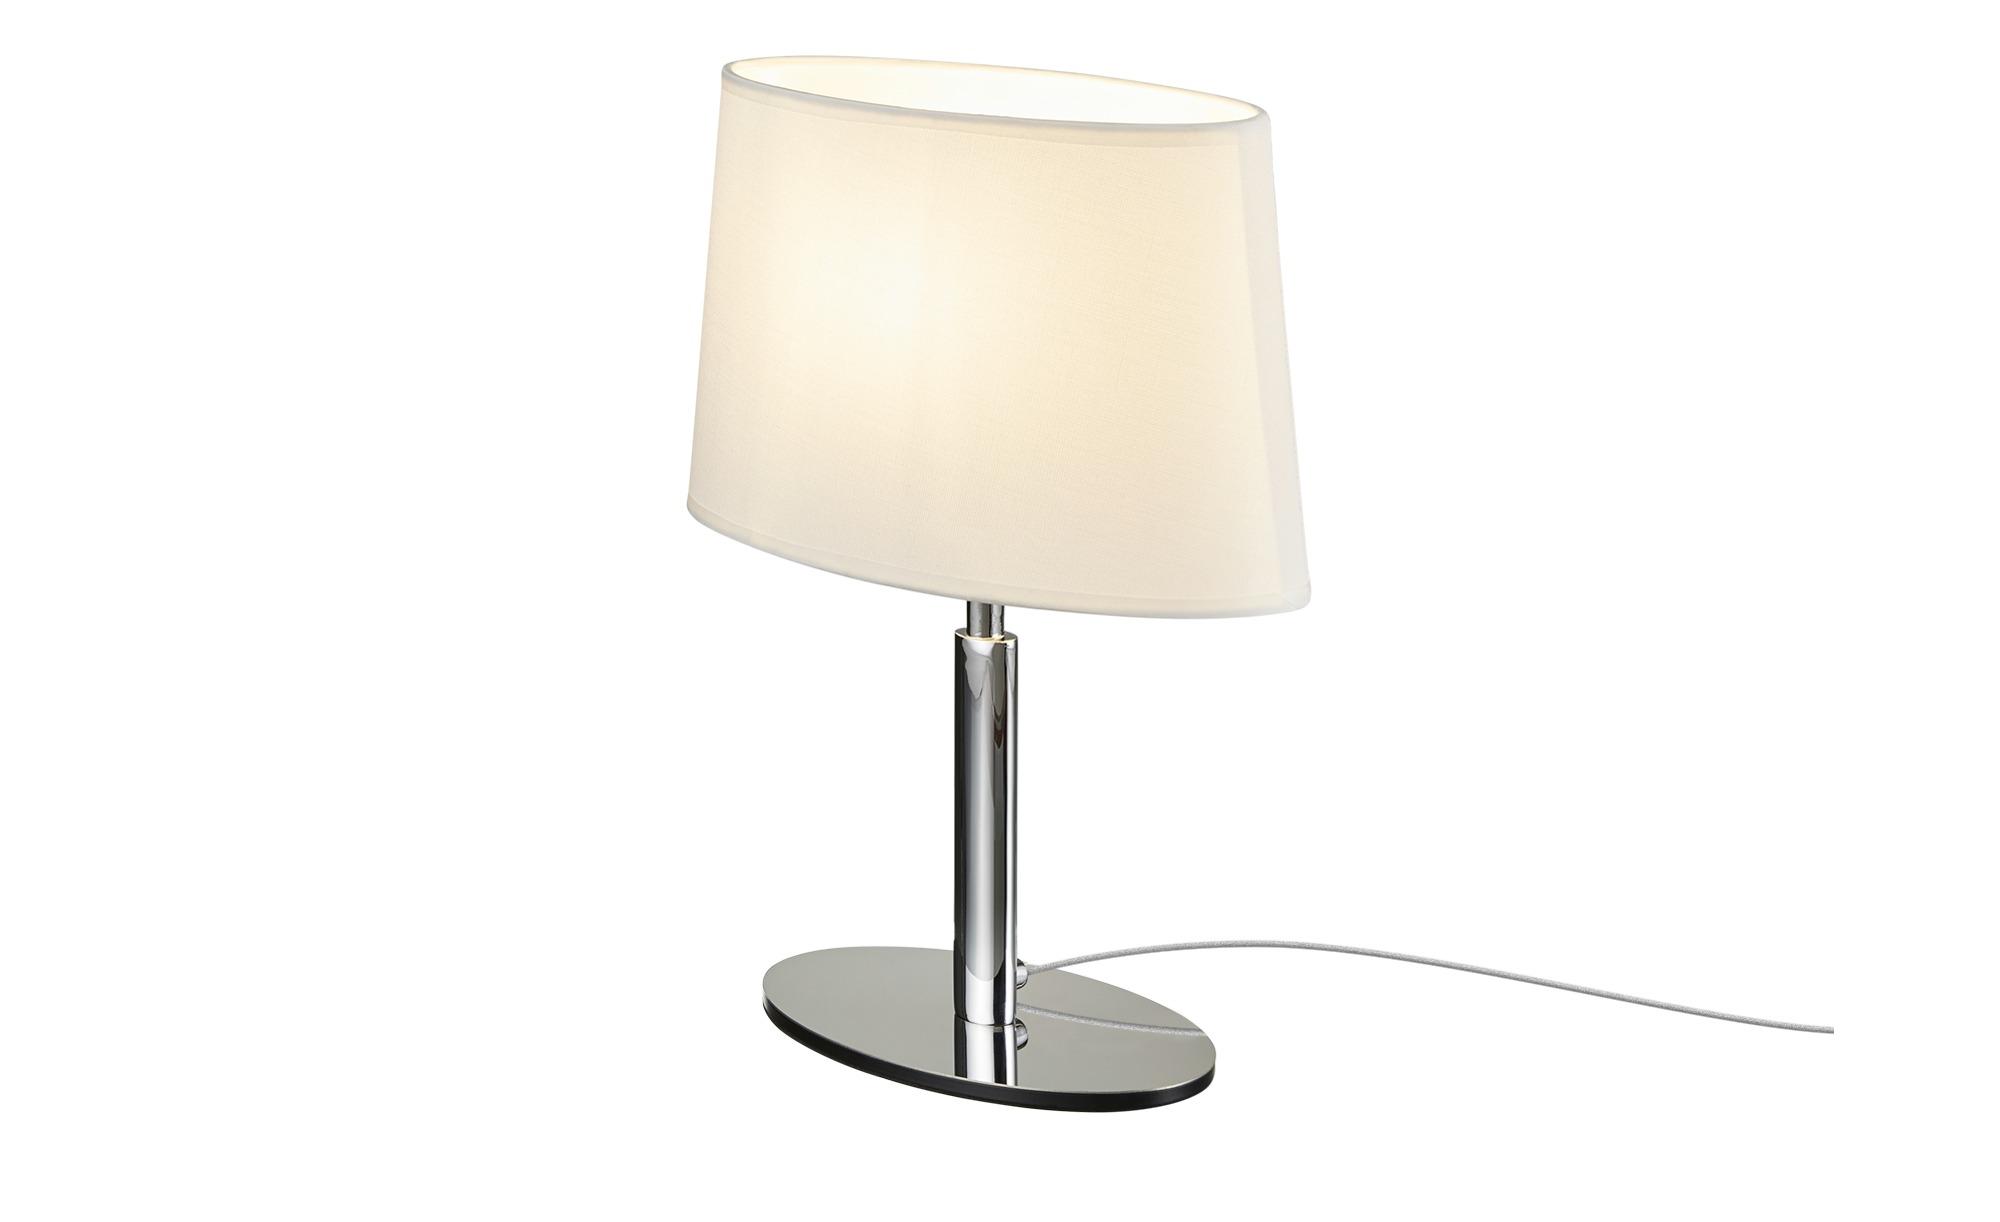 ML Tischleuchte, 1-flammig ¦ silber ¦ Maße (cm): B: 15 H: 38 Lampen & Leuchten > Innenleuchten > Tischlampen - Höffner